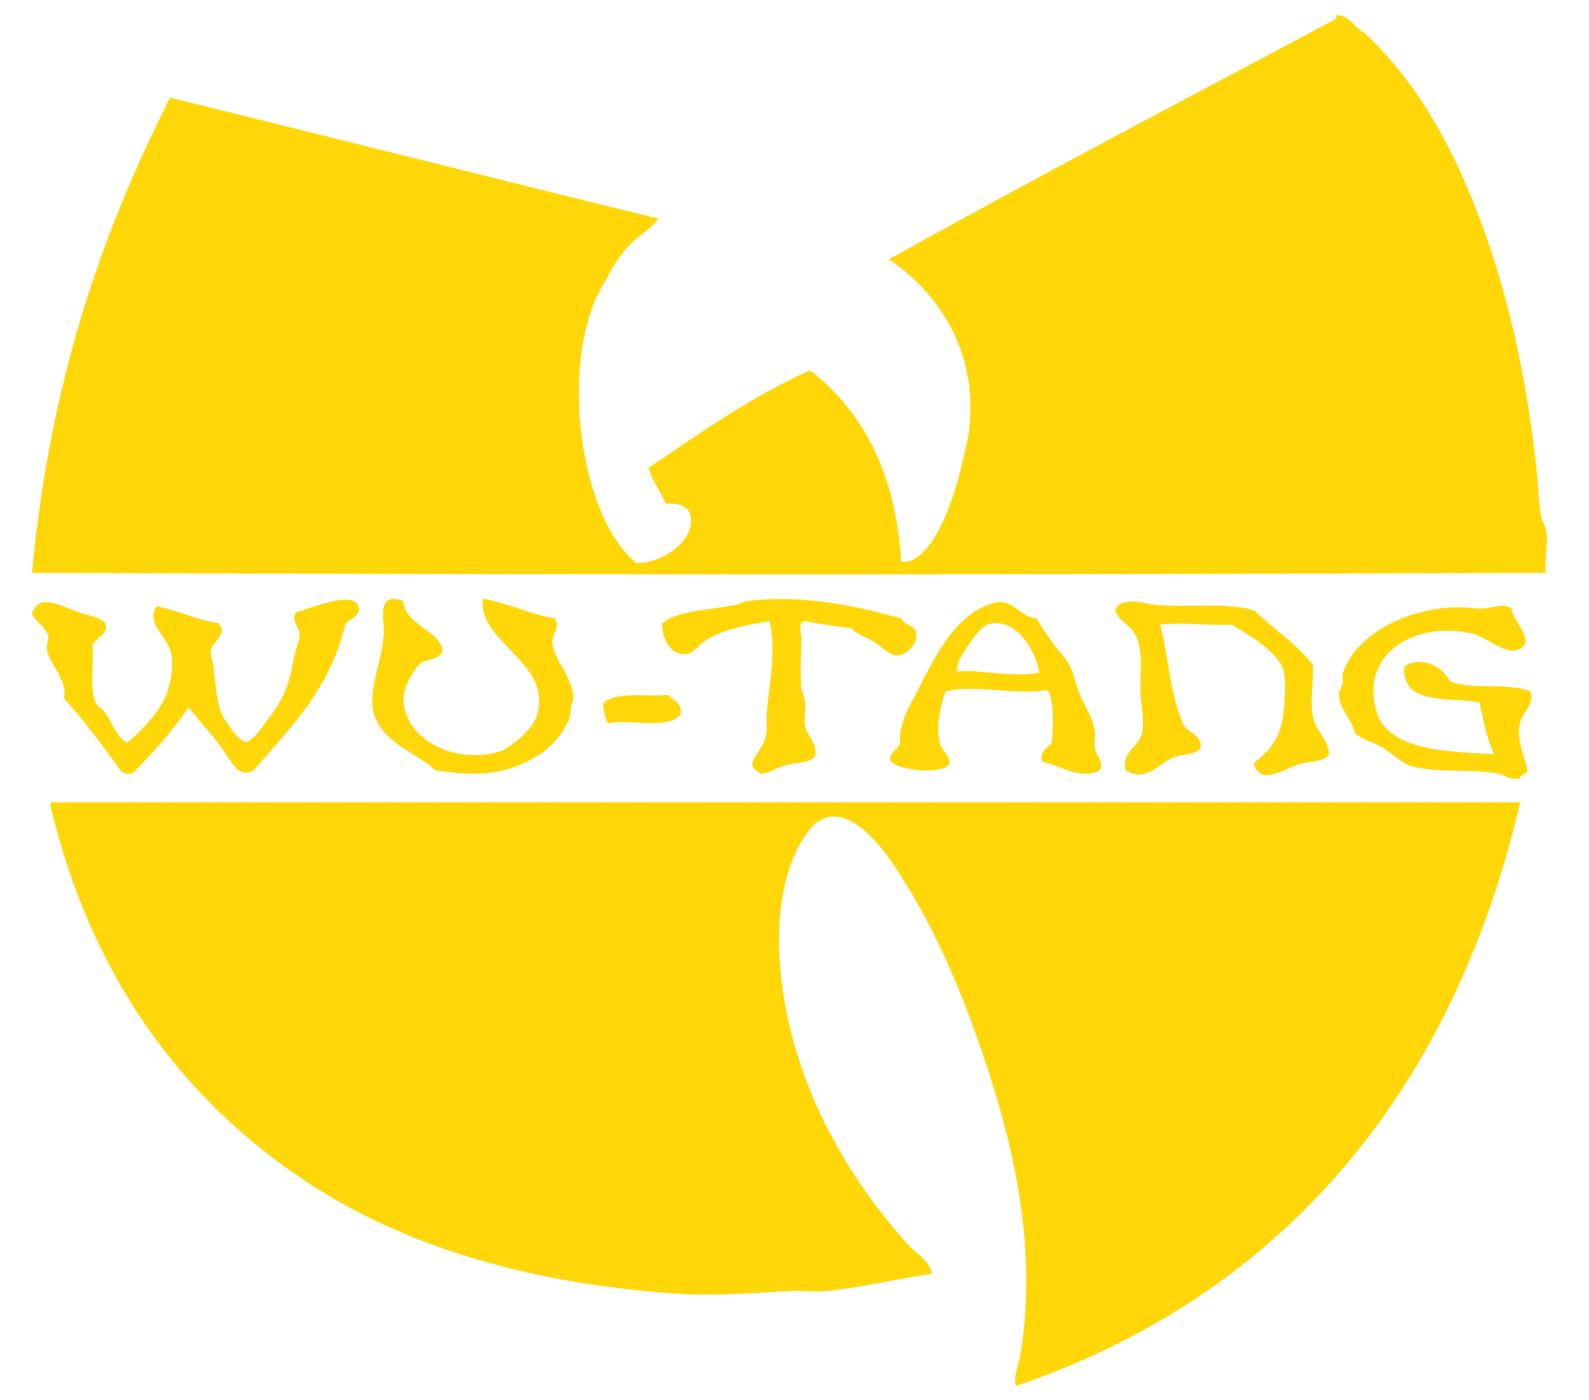 Pin By Akin James On Digital Printmaking Wu Tang Clan Logo Wu Tang Clan Wu Tang